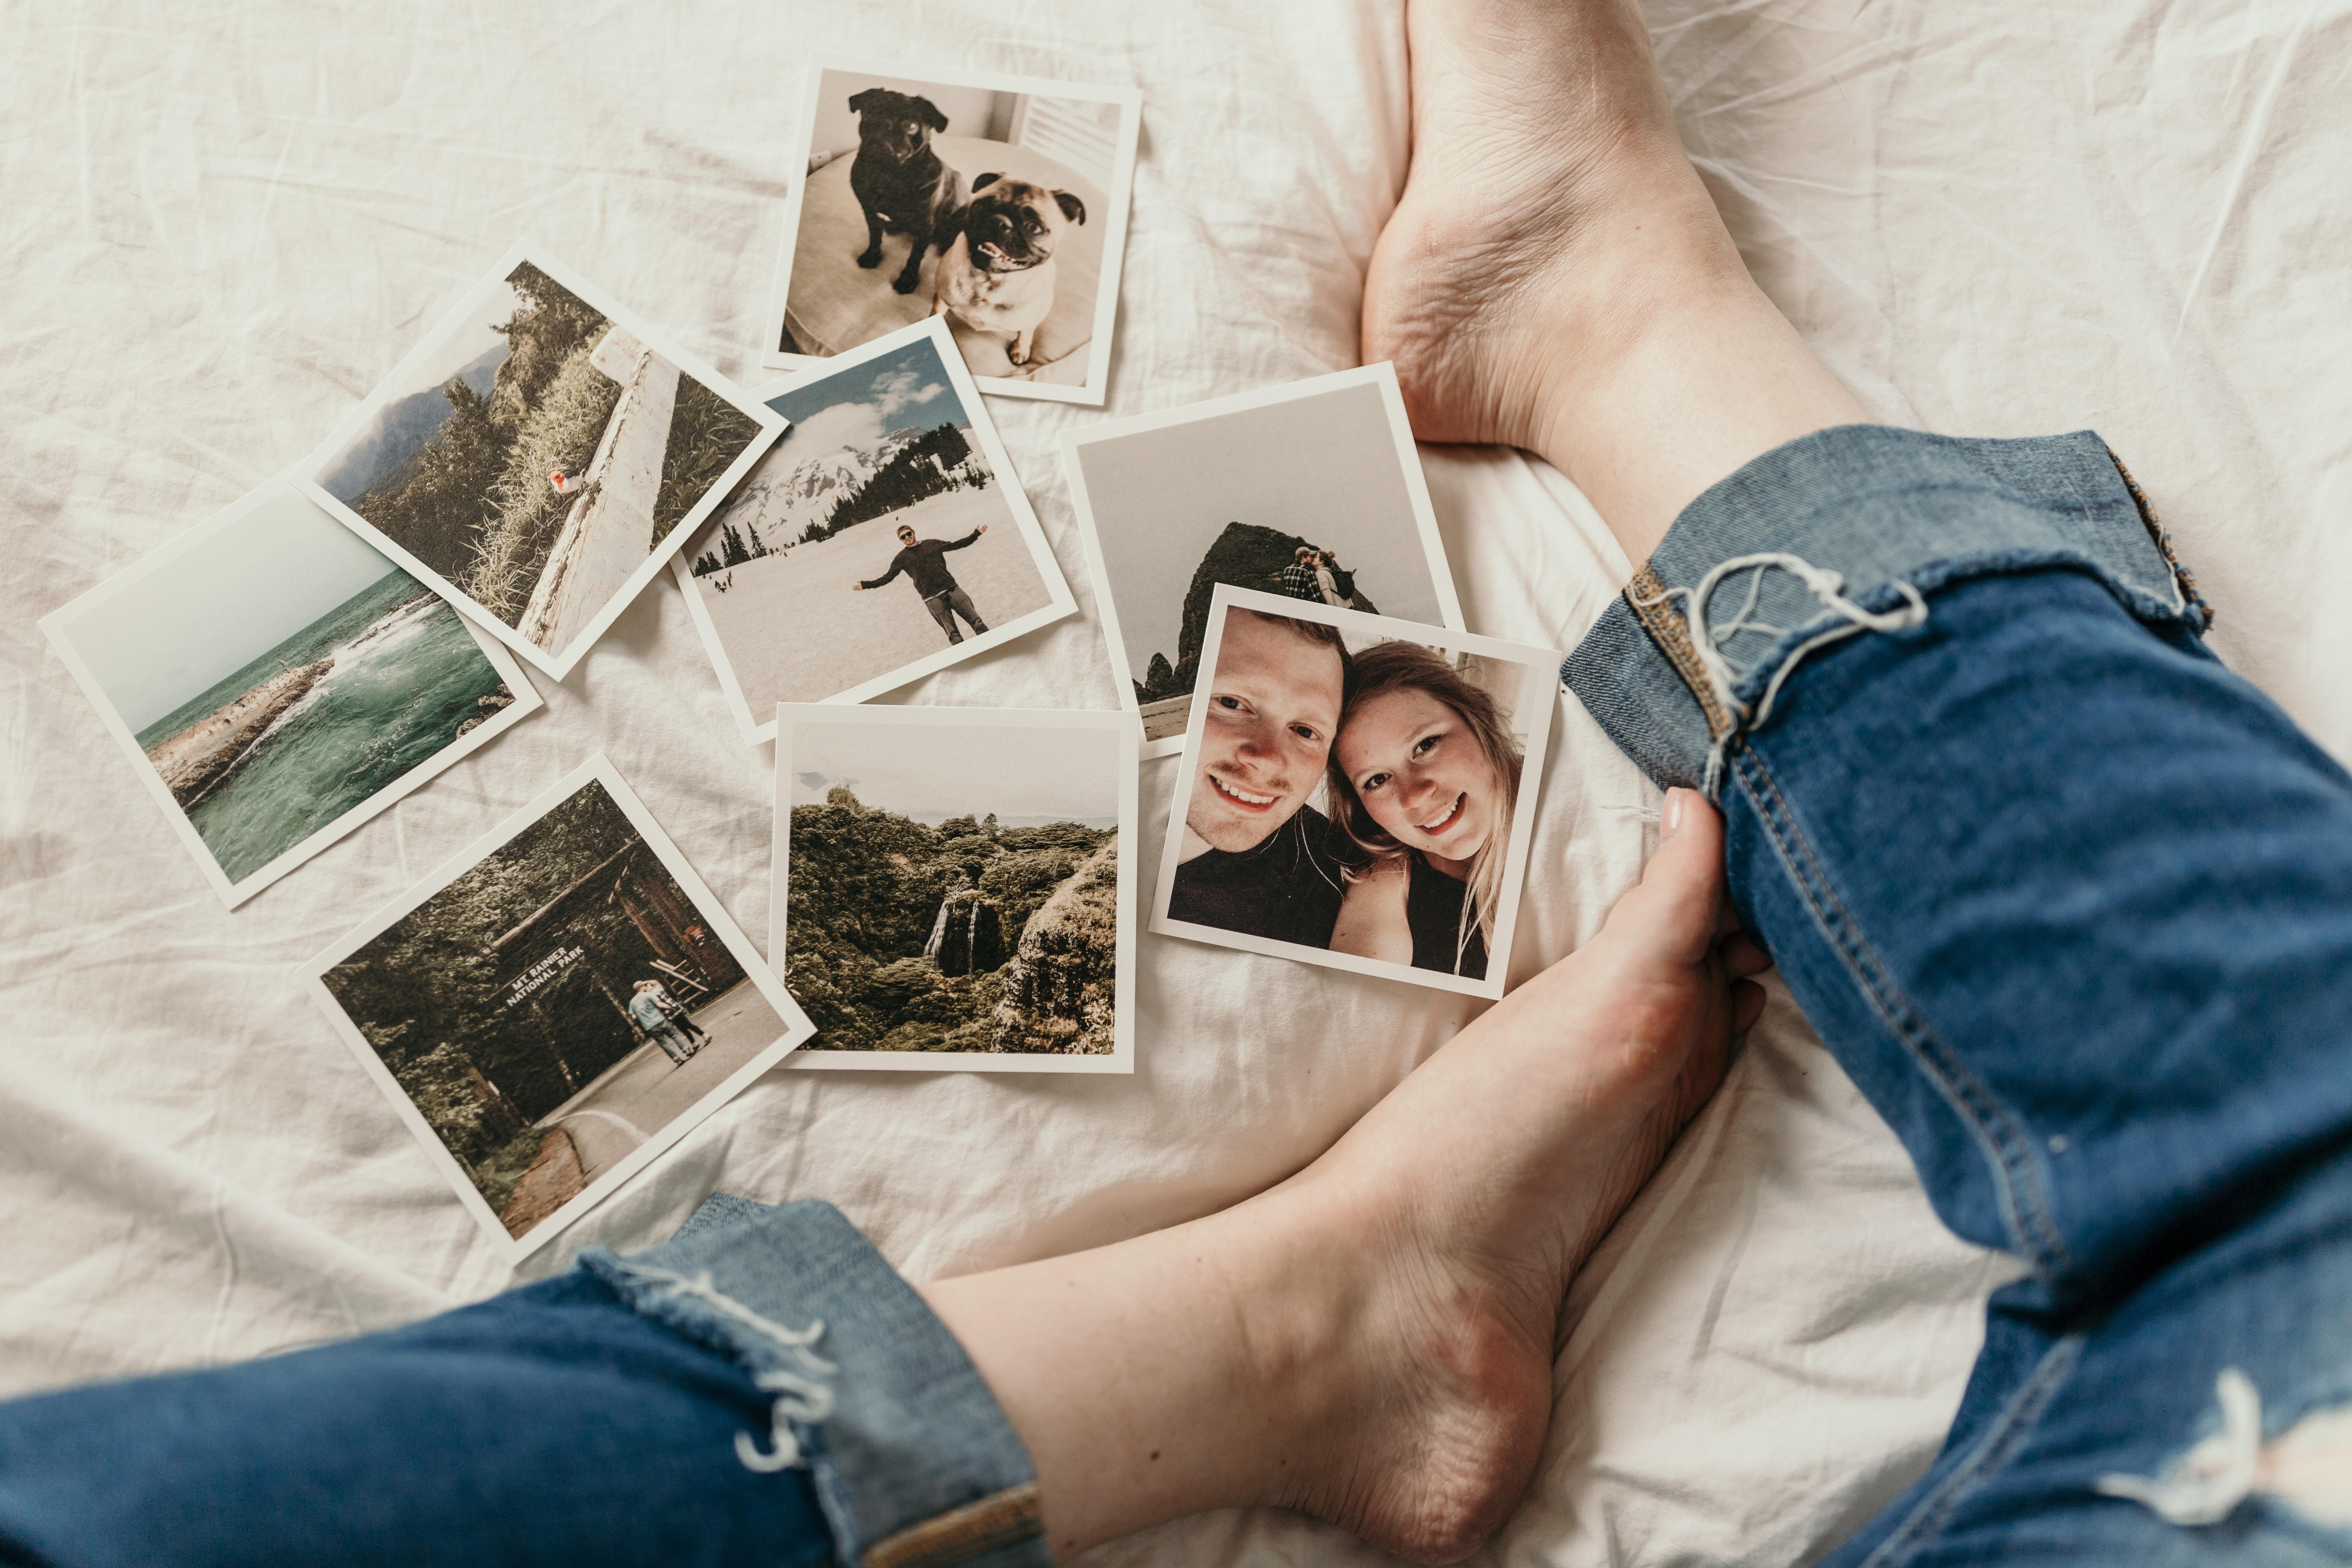 a person's feet with polaroid photos